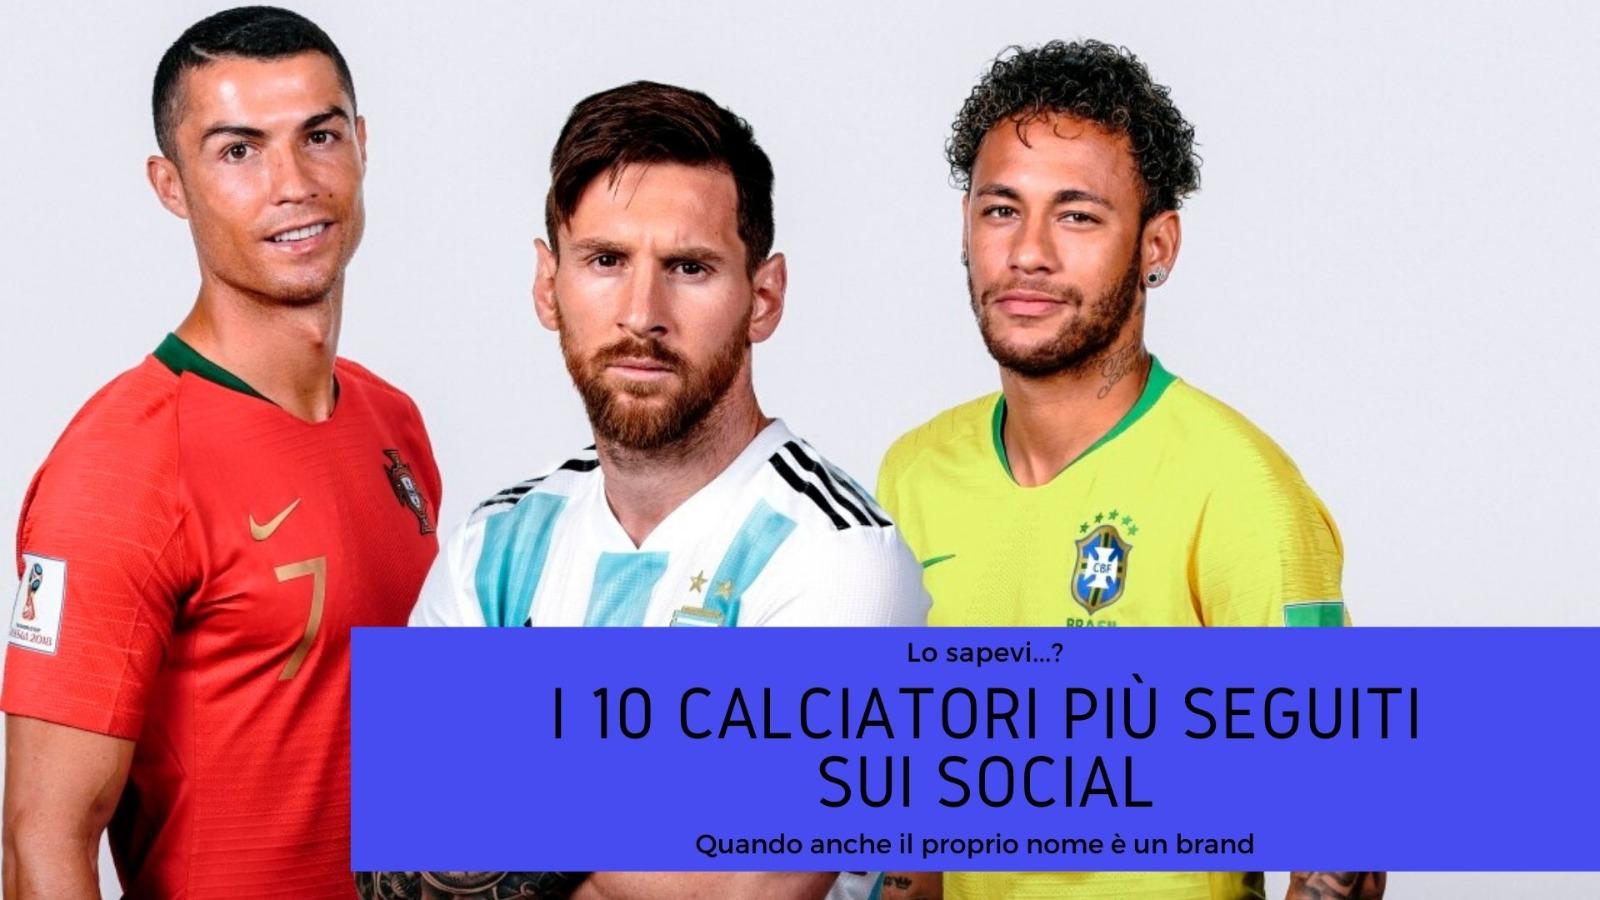 giocatori-social-più-seguiti